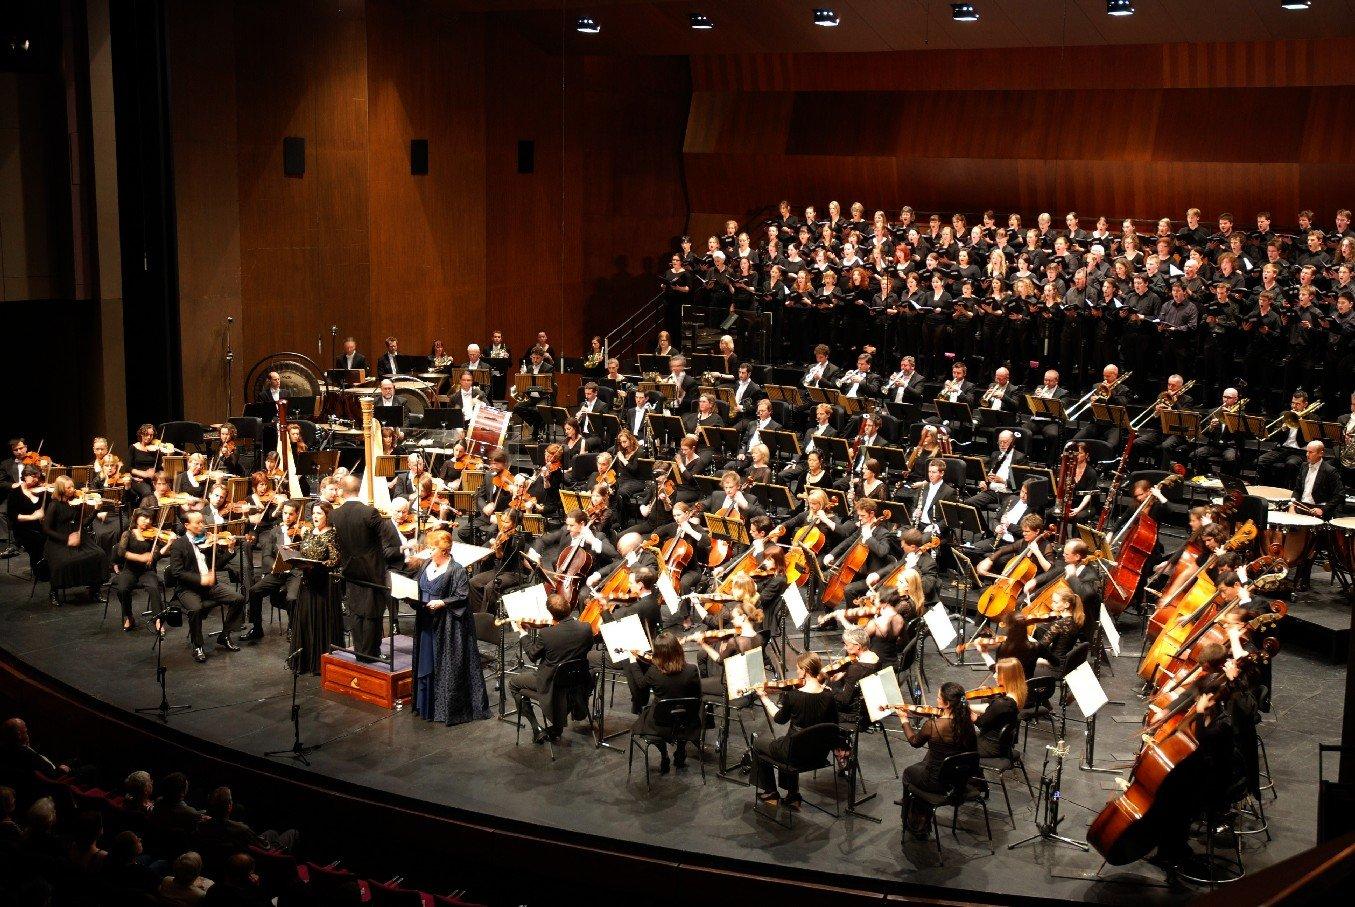 произошли городском симфонический оркестр картинка полного оркестра устроена